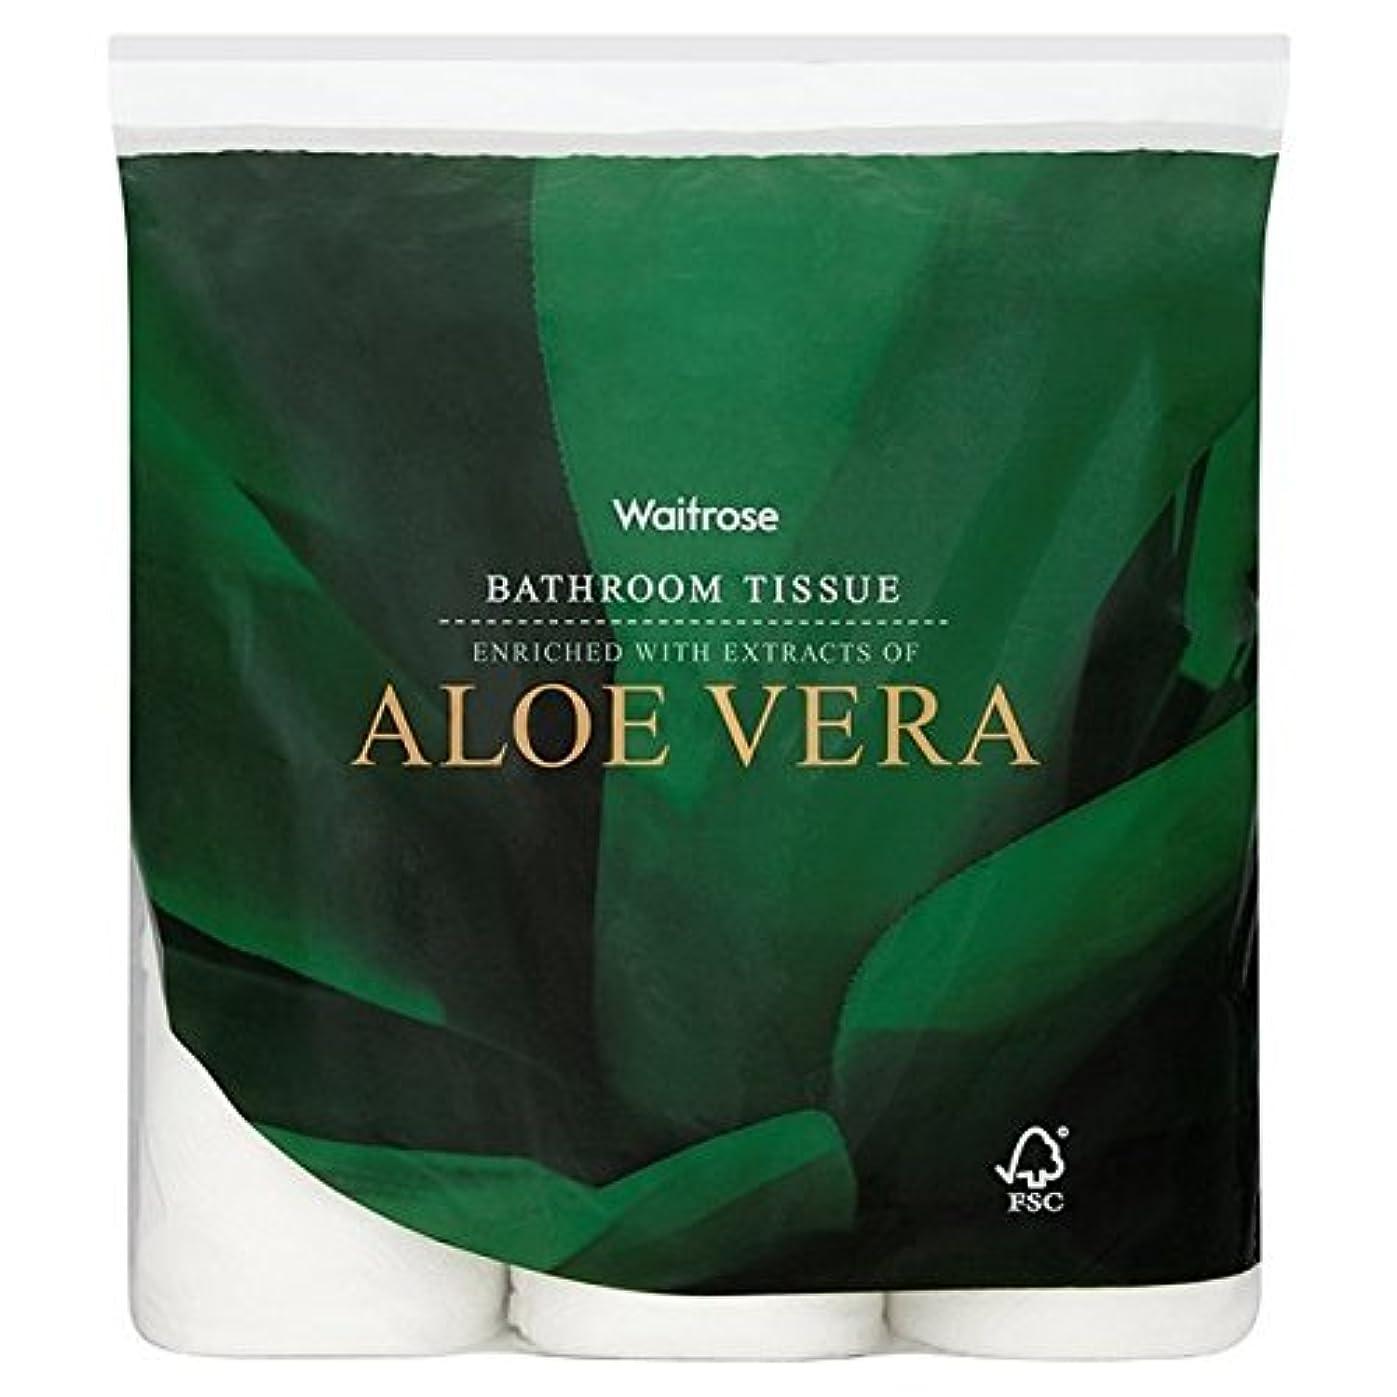 時折普通のエクステントパックあたりアロエベラ浴室組織白ウェイトローズ9 x2 - Aloe Vera Bathroom Tissue White Waitrose 9 per pack (Pack of 2) [並行輸入品]